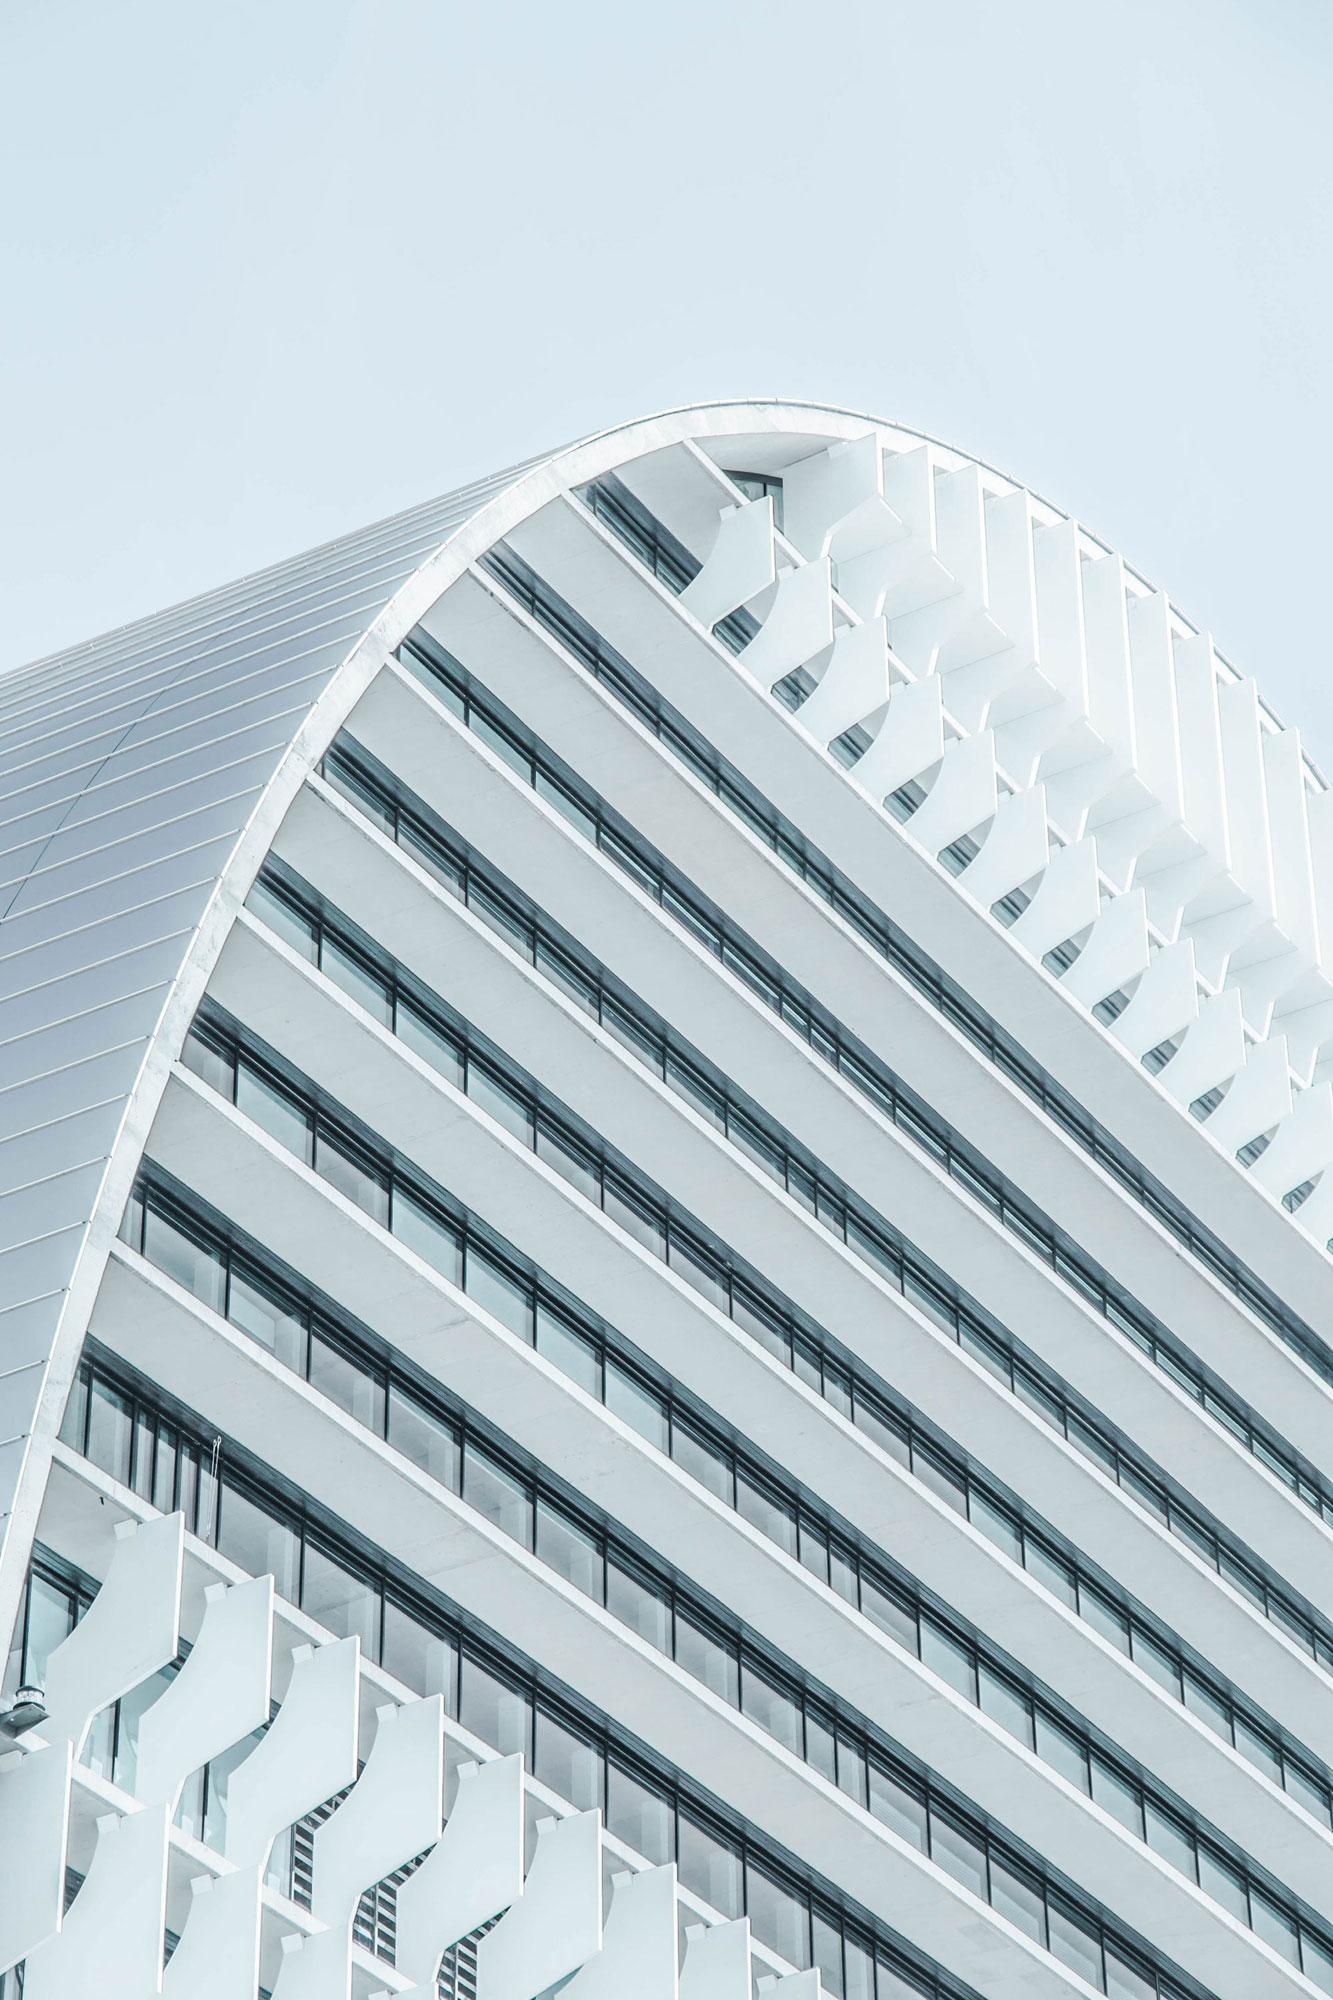 architectuur-portfolio-(9)a